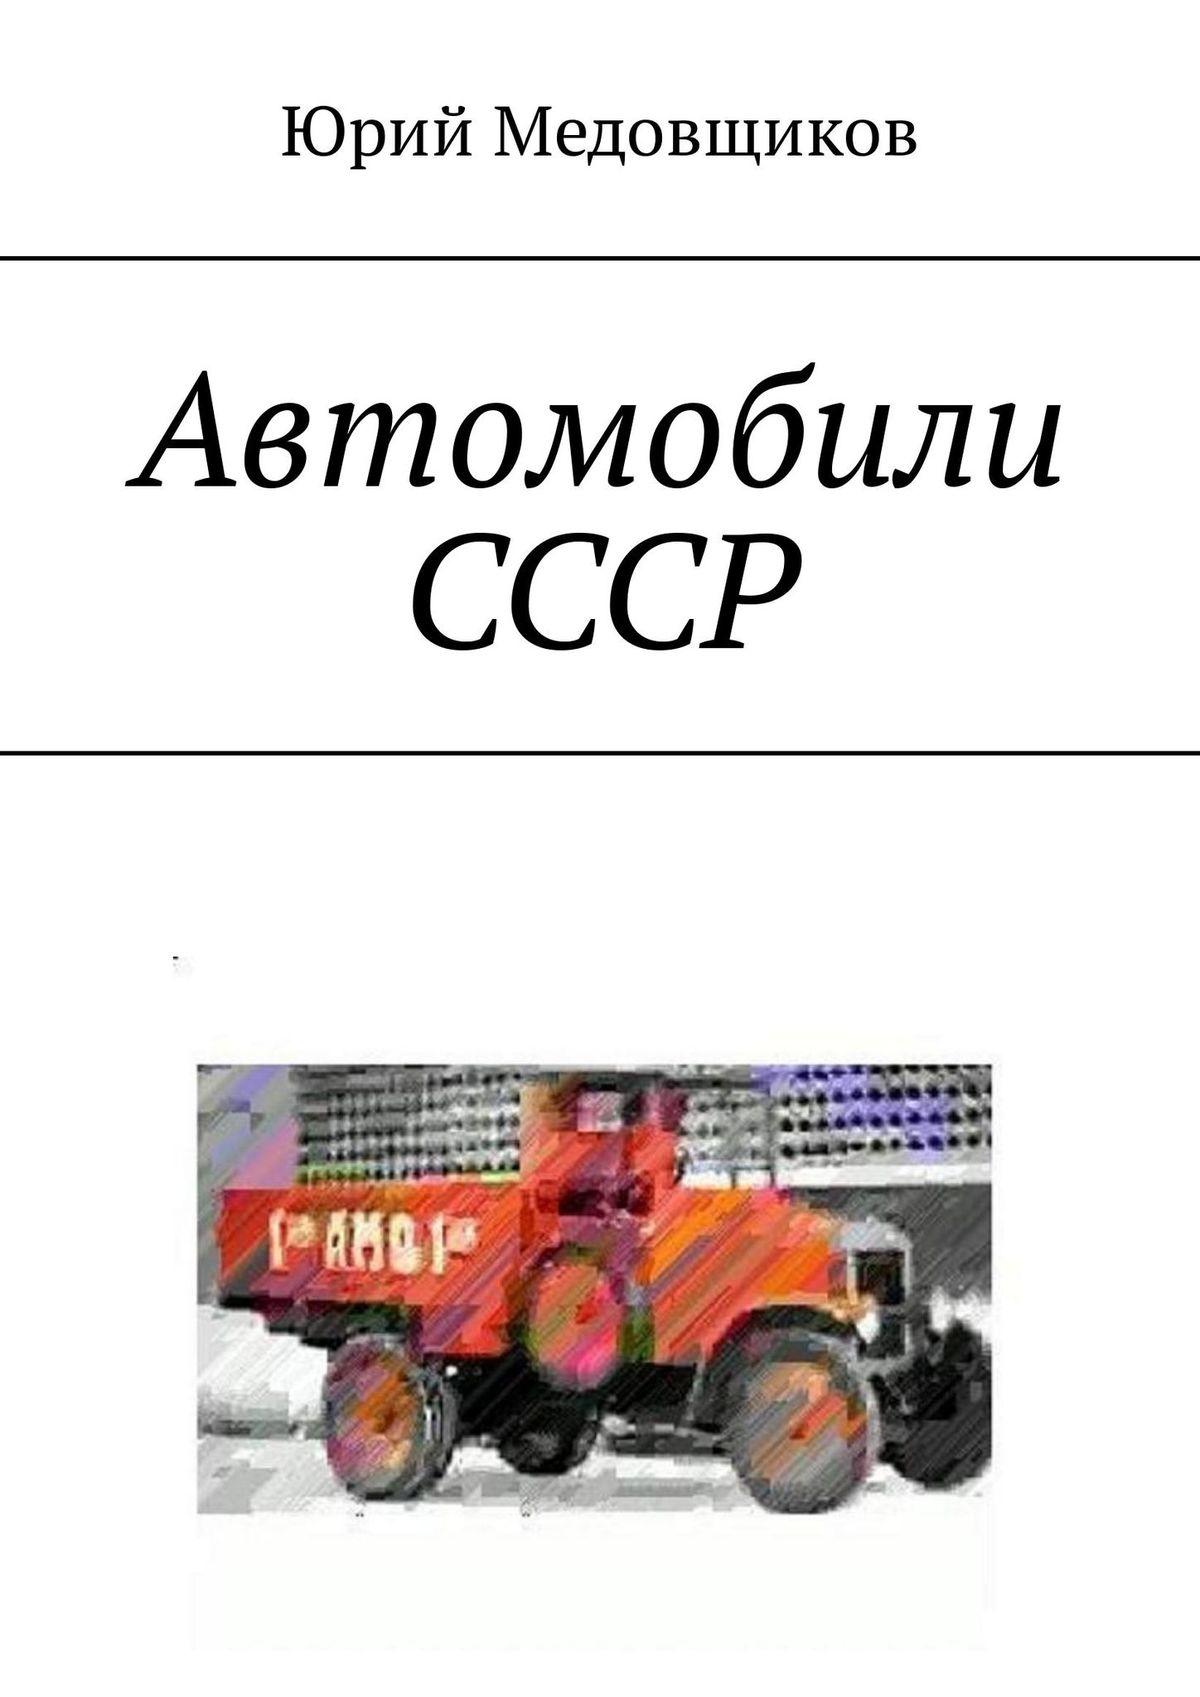 АвтомобилиСССР